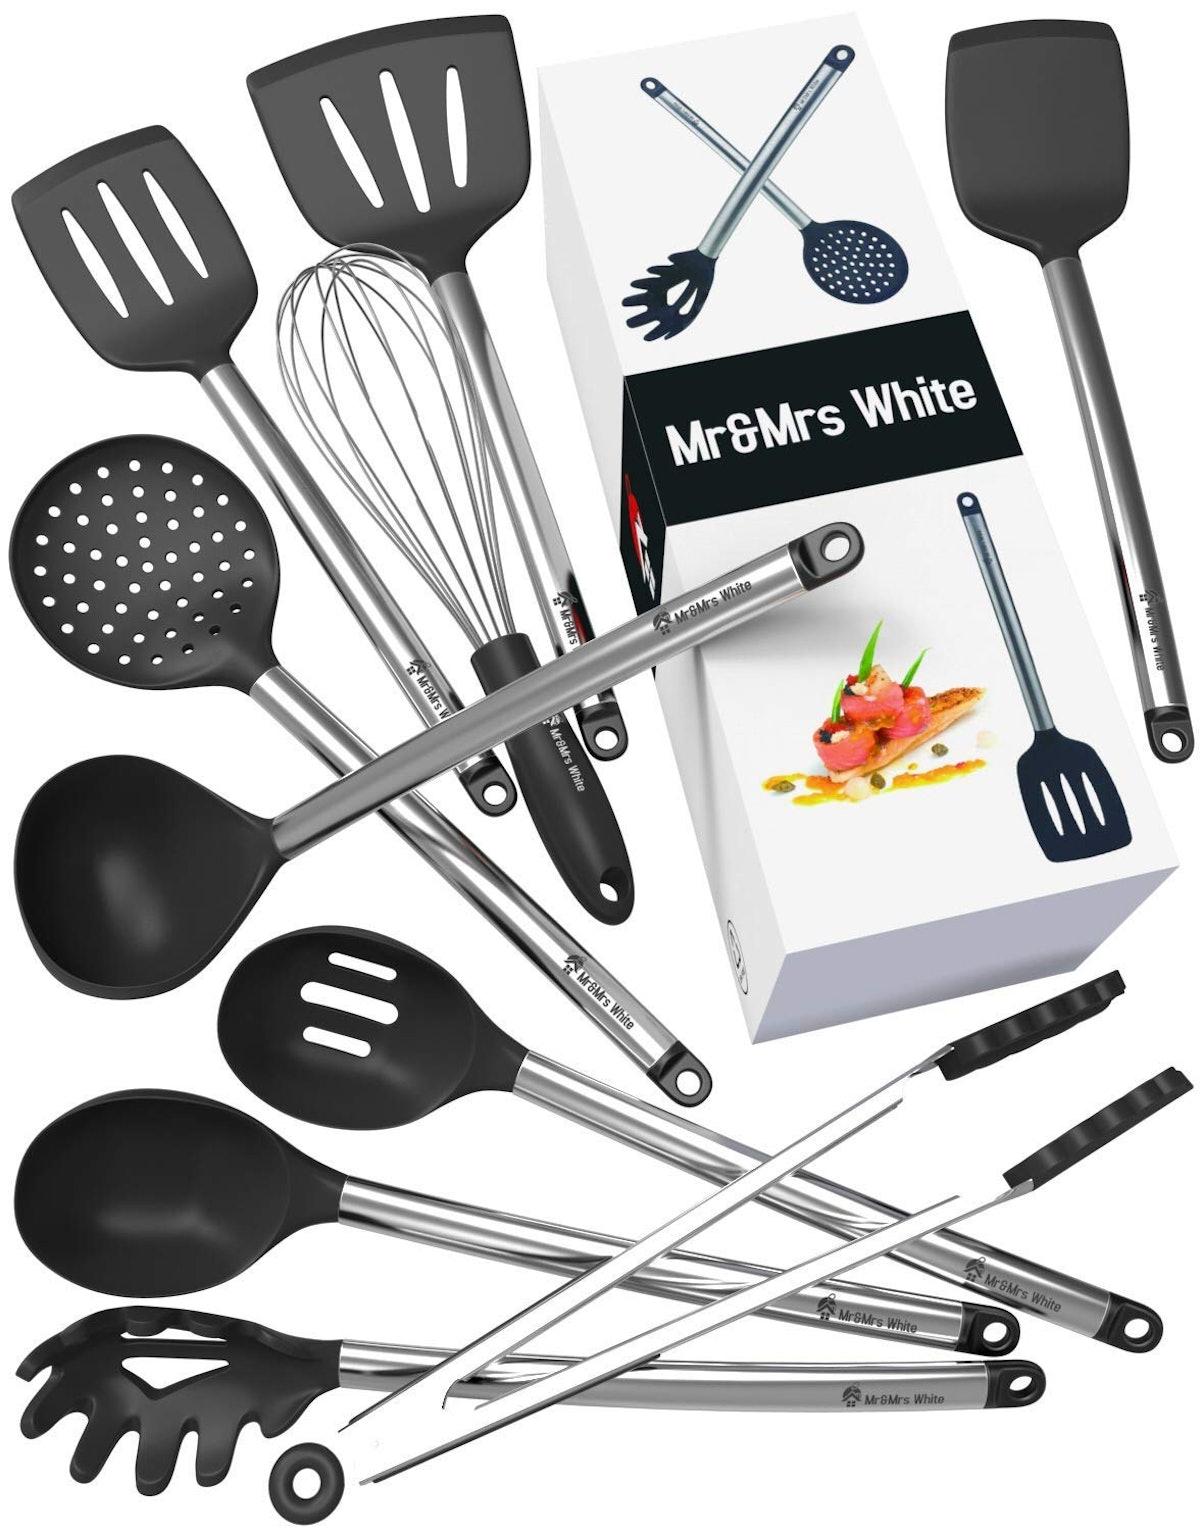 Mr&Mrs White Kitchen Utensil Set